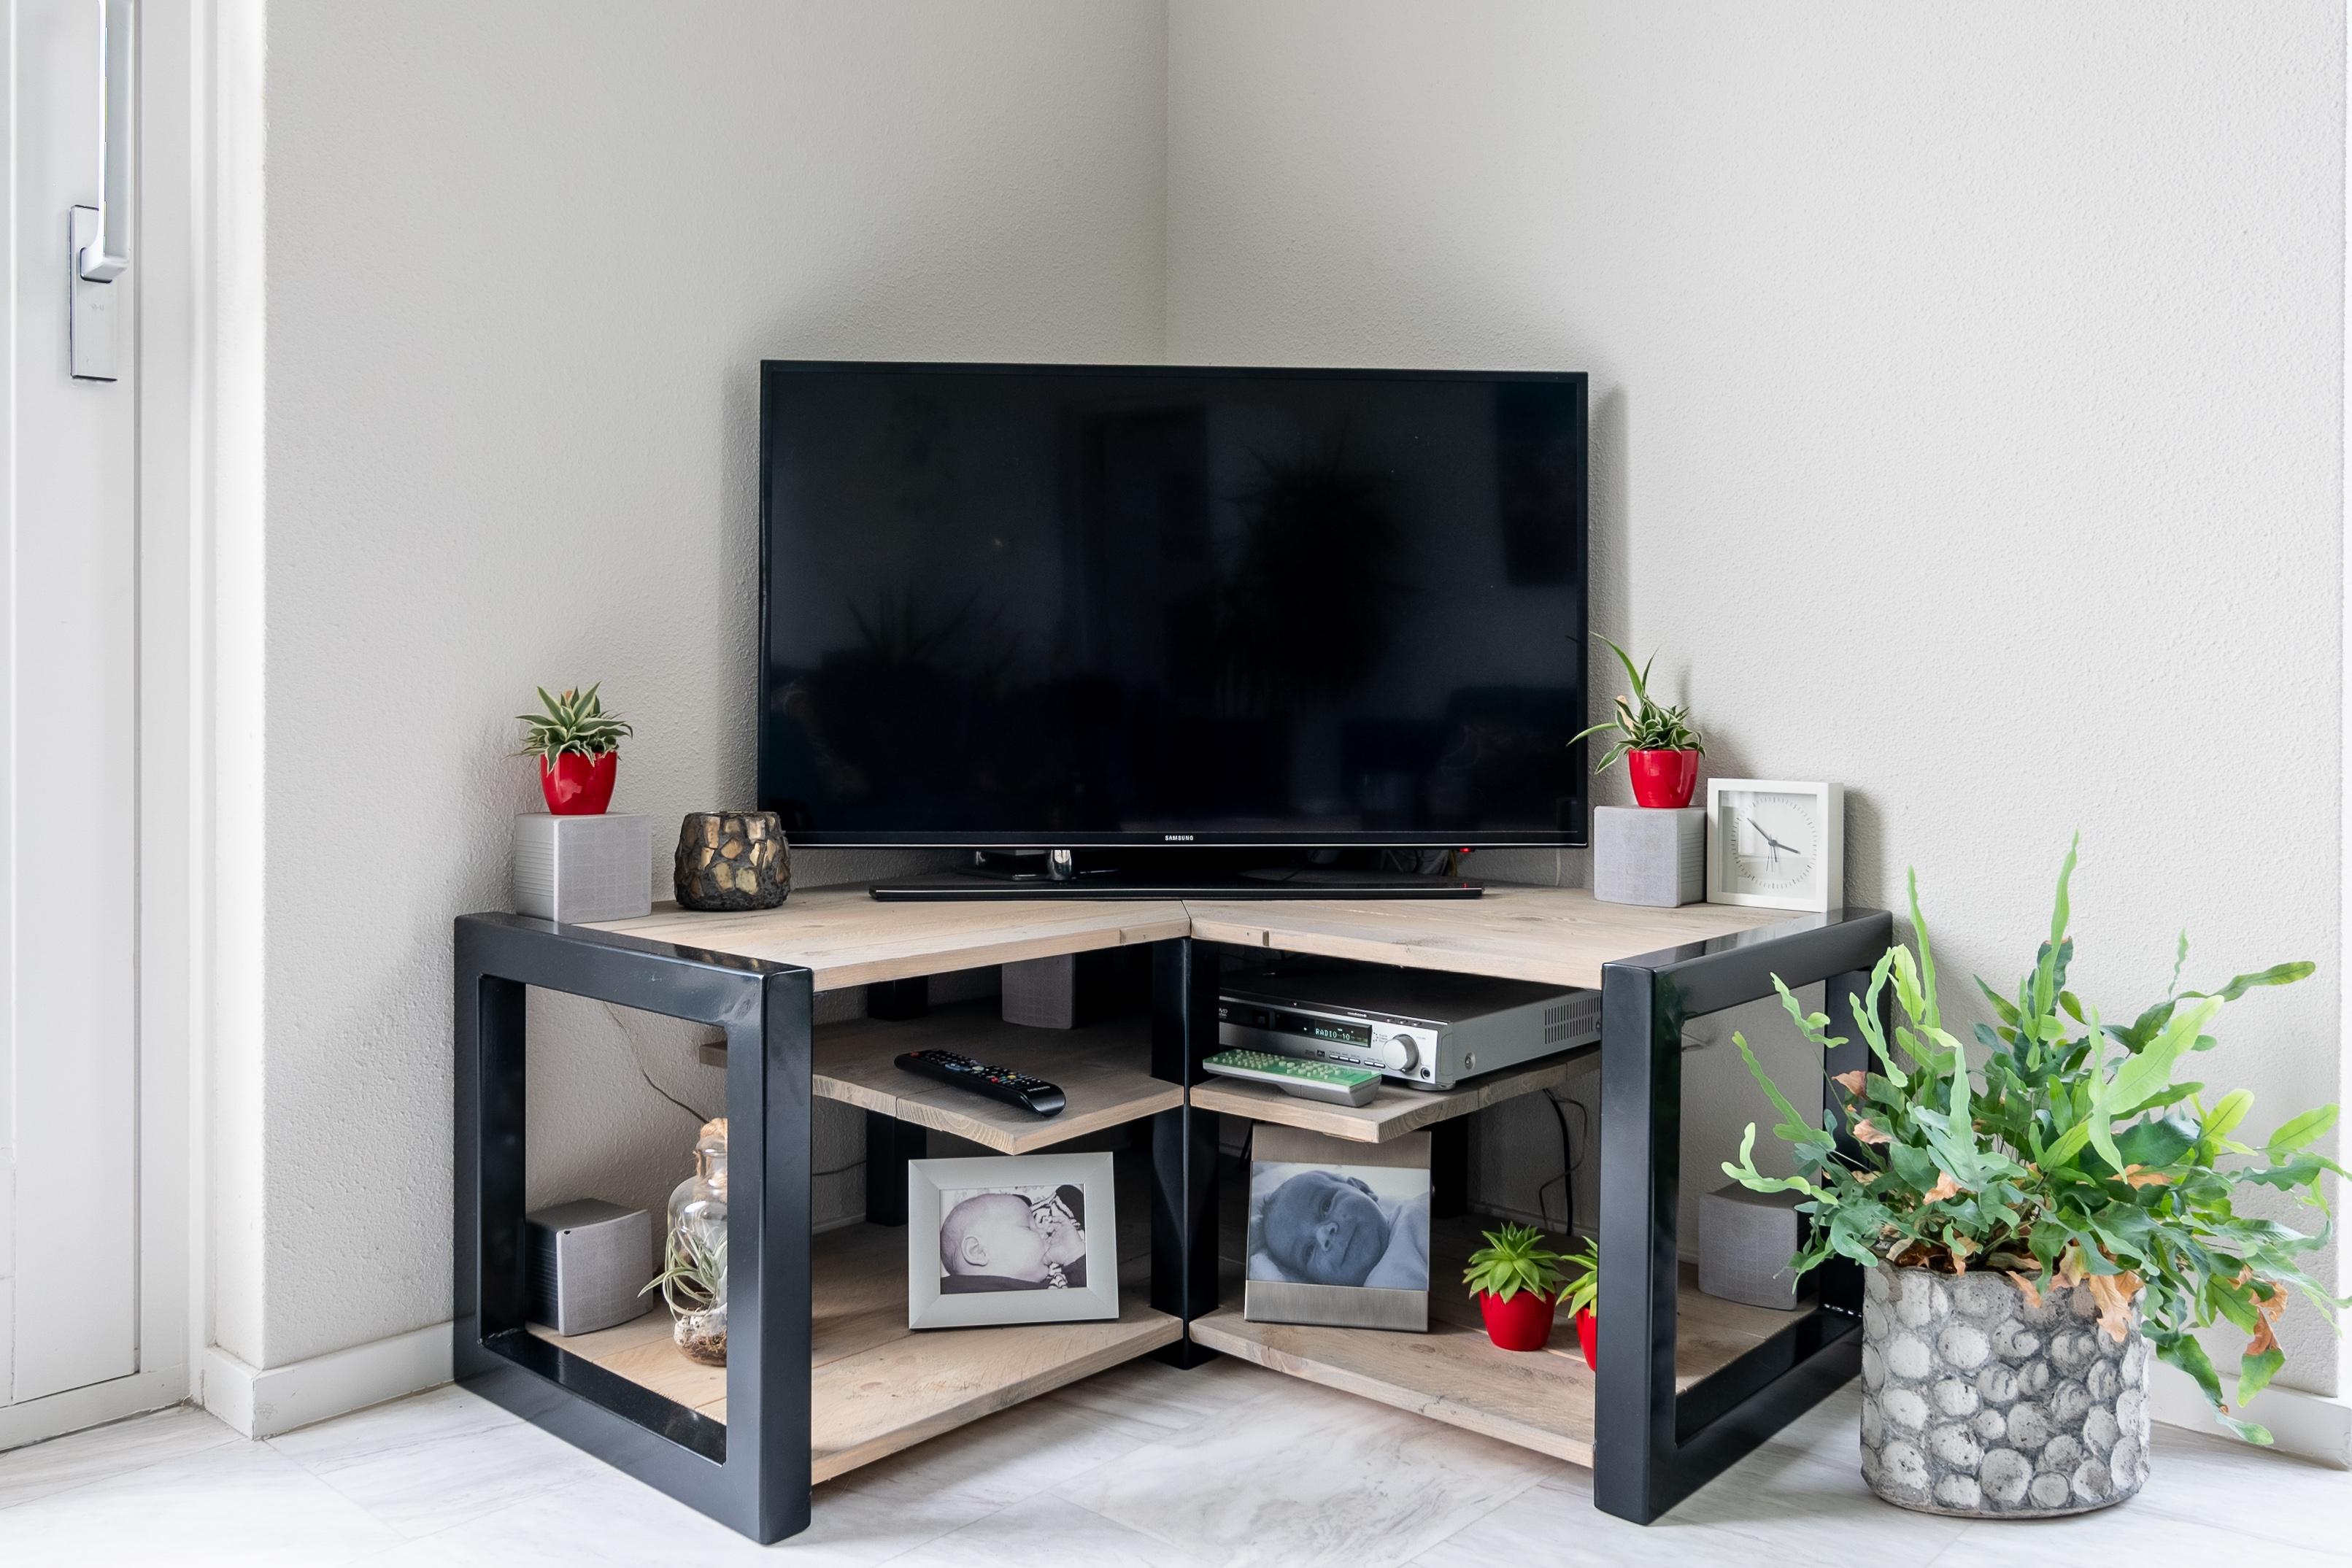 Tv Meubel Zwart Staal.Dressoirkast En Tv Meubel Brent New Meubel Interieur